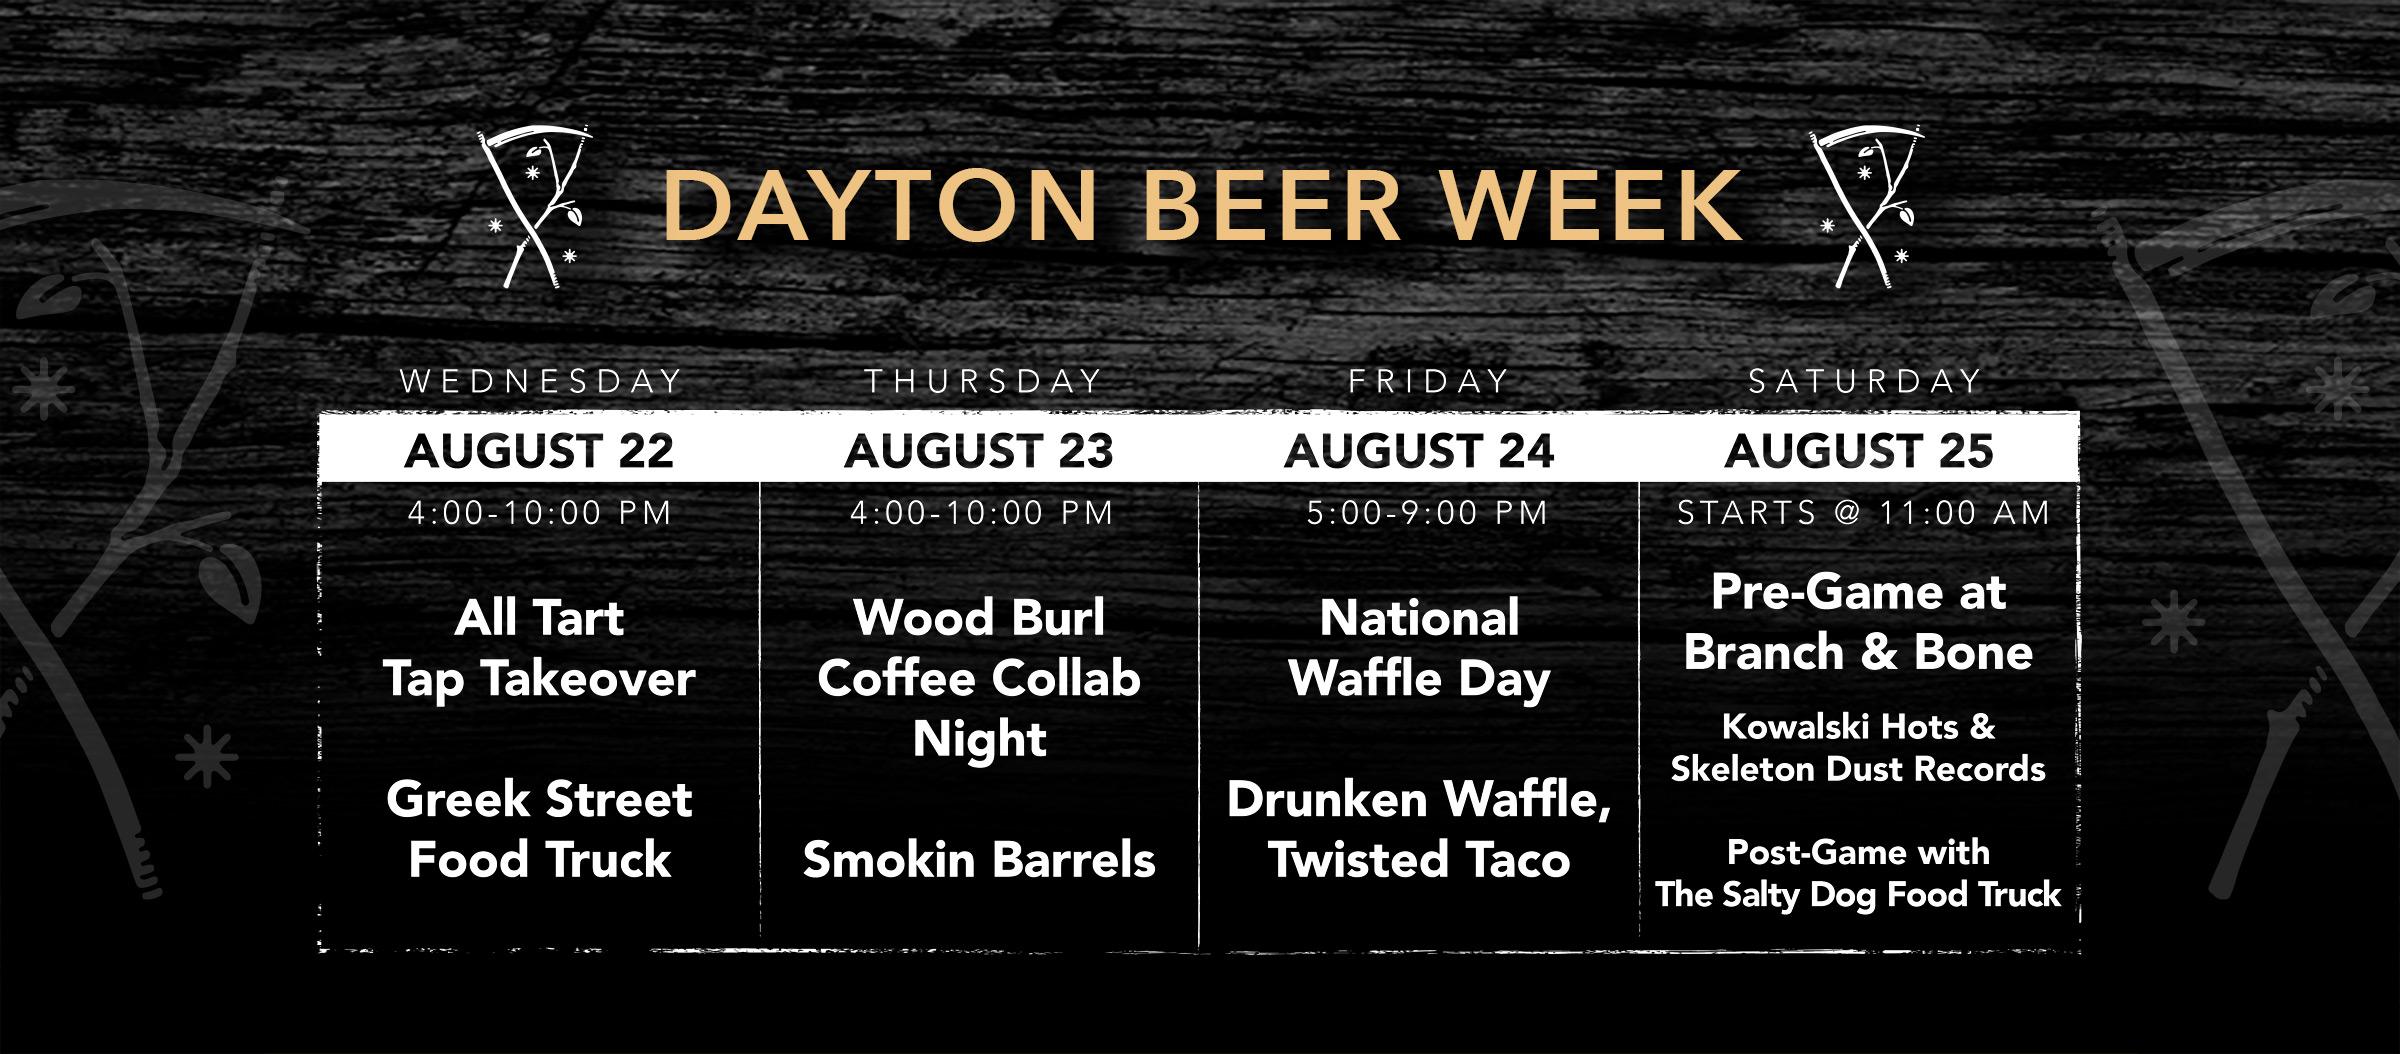 dayton-beer-week.jpg